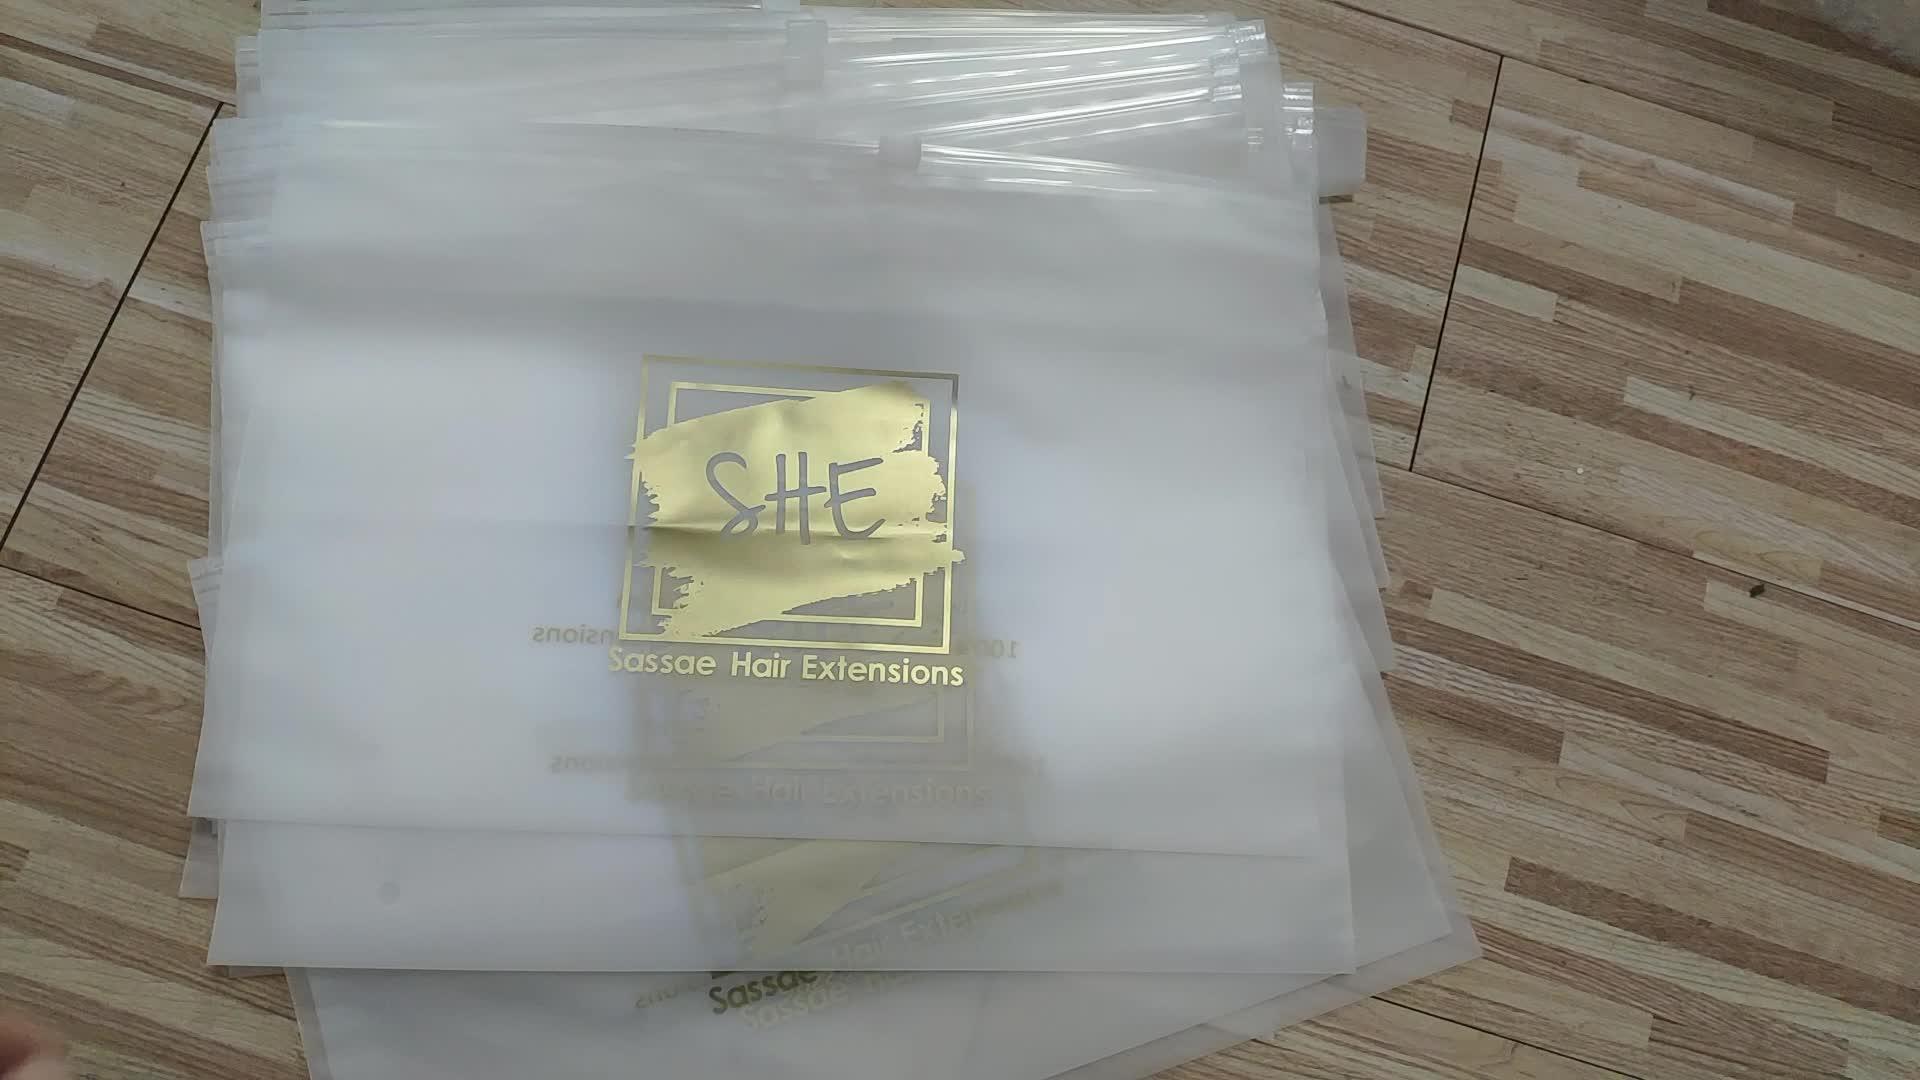 Có Thể Tháo Rời Tùy Chỉnh Tự Khóa Kéo Bao Bì Trang Phục Nhựa Frosted Slider Bag, Top Chất Lượng OPP PVC Túi Nhựa Cho Quần Áo